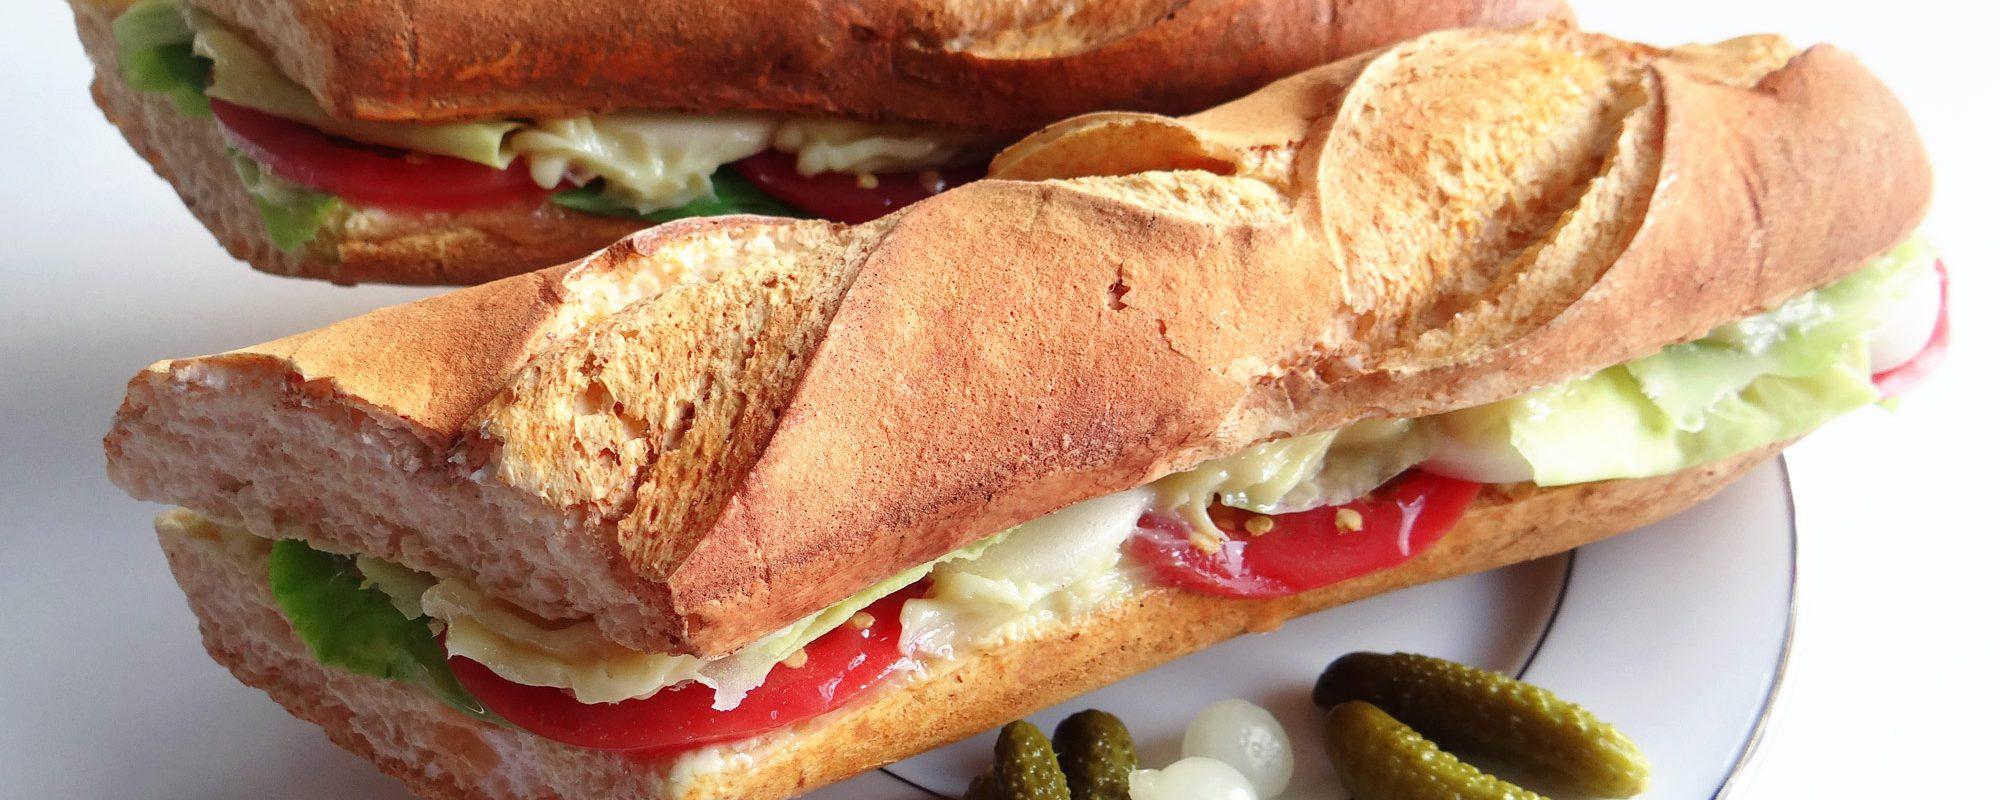 faux sandwich créé en résine comme factice alimentaire